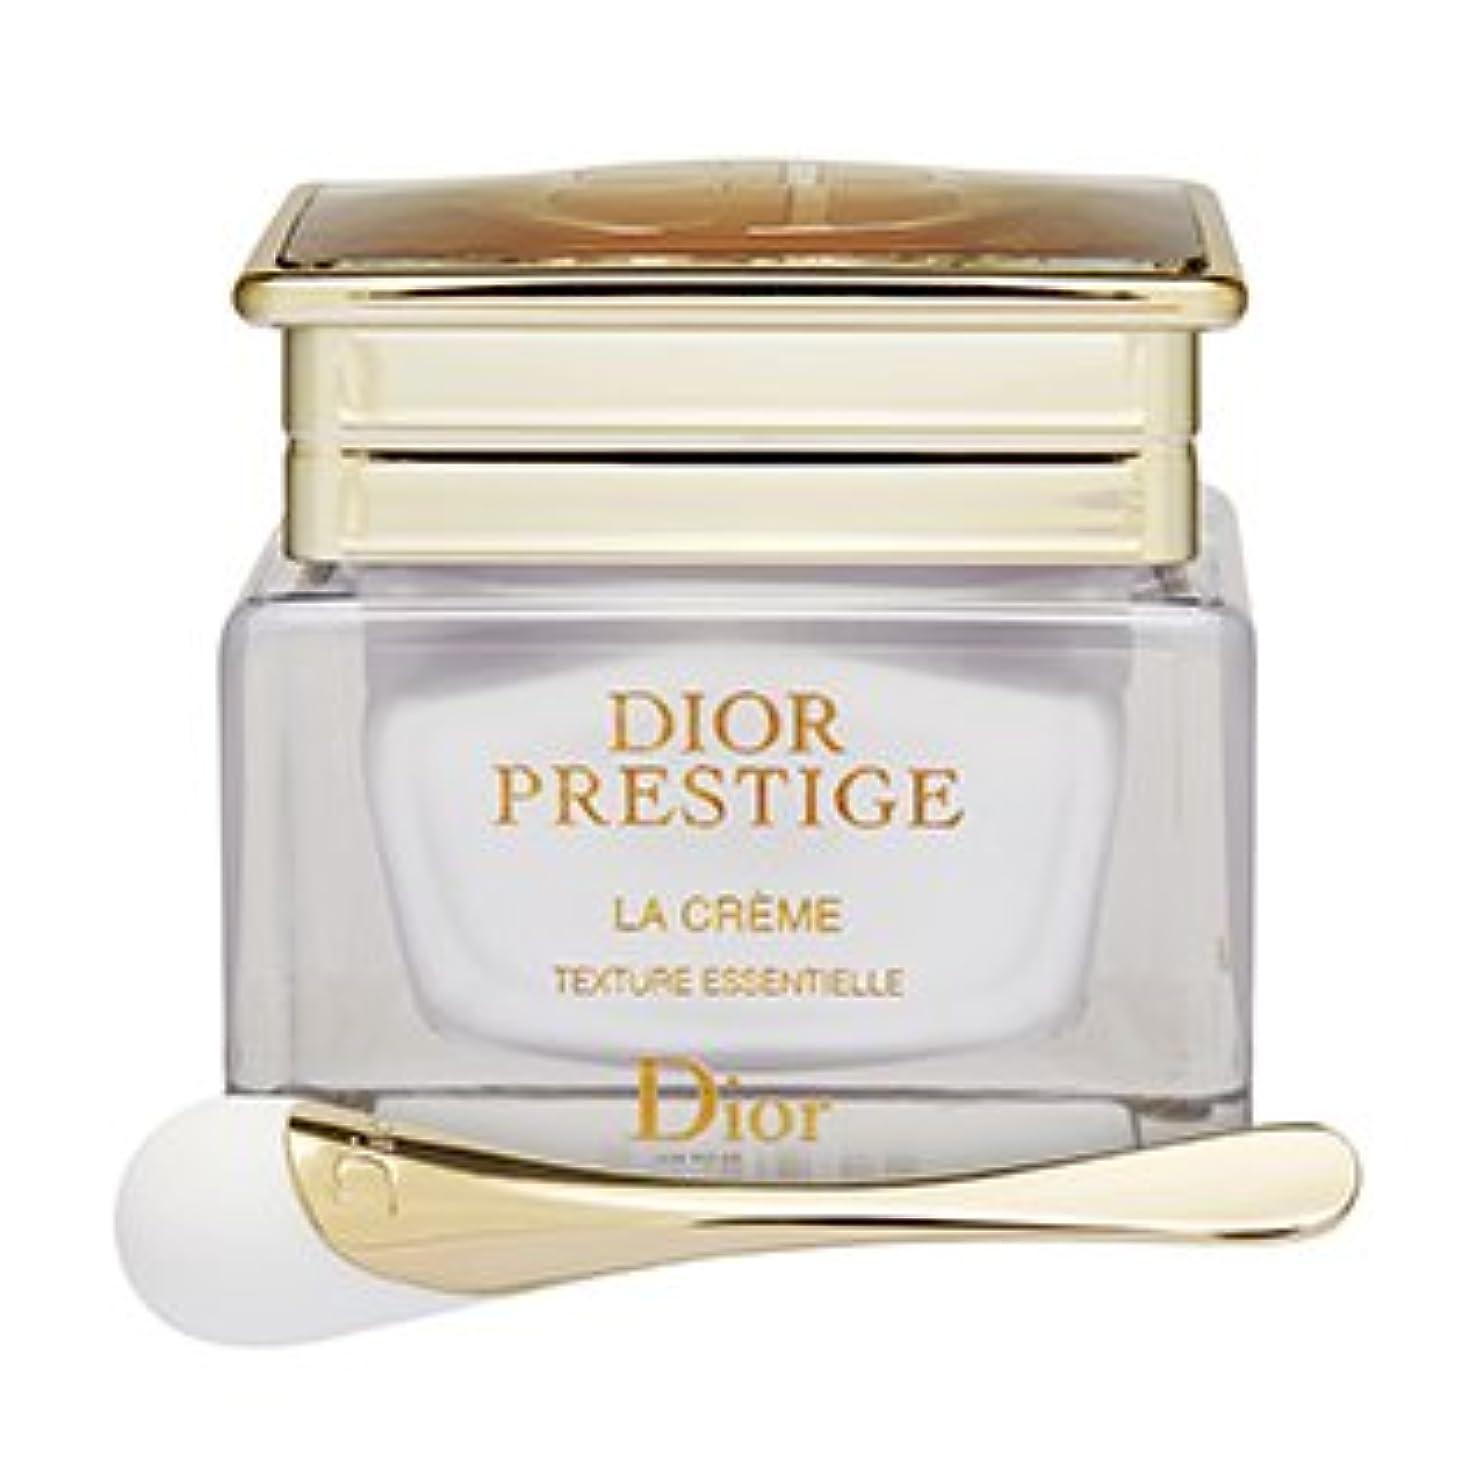 スキー模倣一瞬ディオール(Dior) プレステージ ラ クレーム - 極上のテクスチャー [並行輸入品]